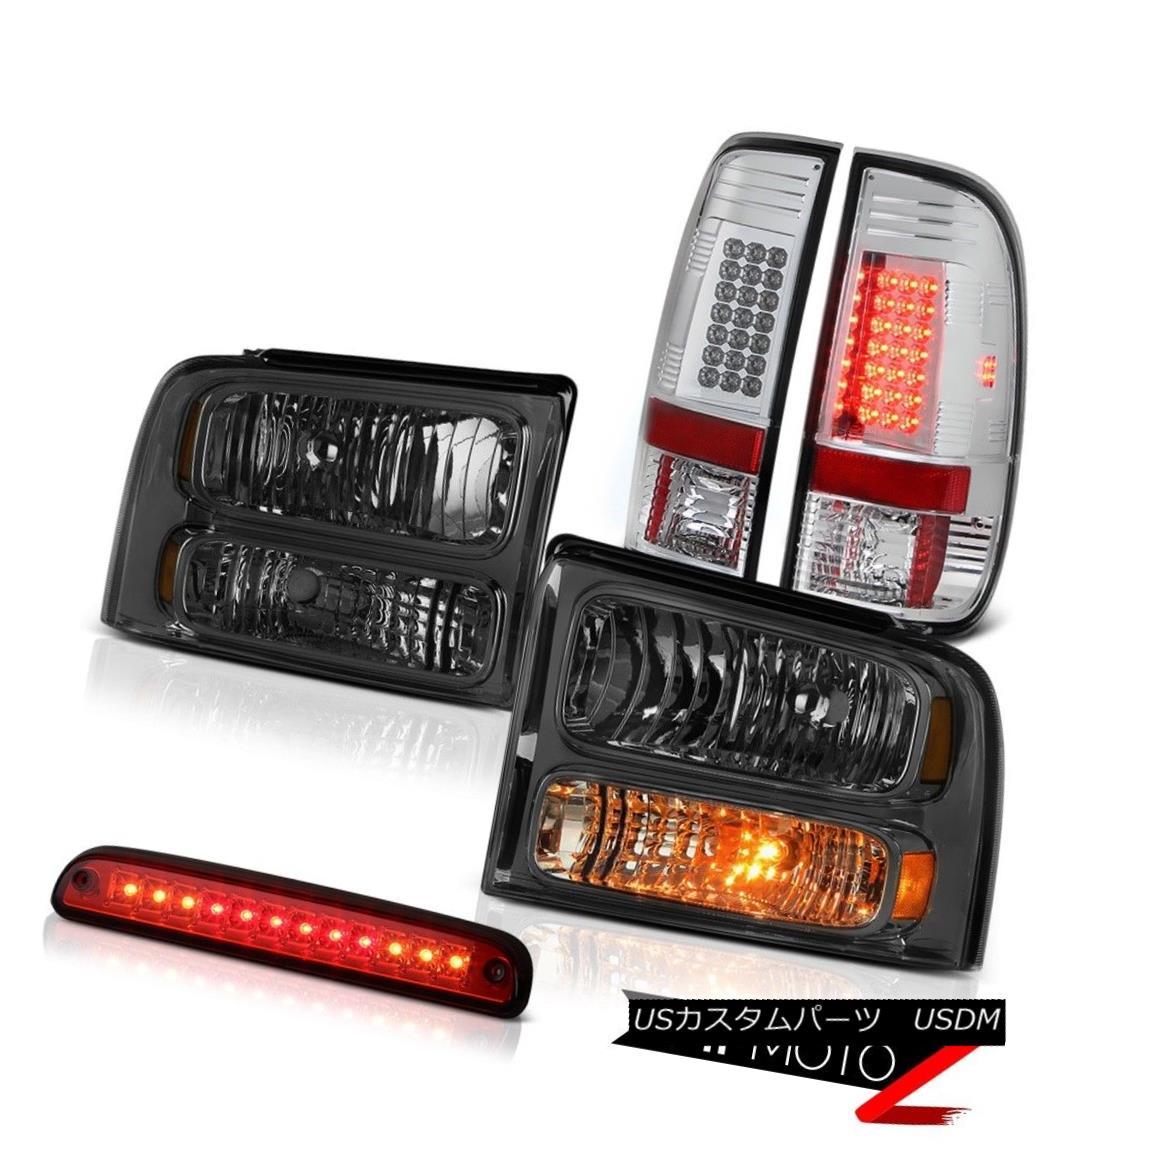 ヘッドライト 2005 2006 2007 F250 FX4 Smoke Headlights Brake Lamps Taillights Wine Red 3rd LED 2005 2006 2007 F250 FX4スモークヘッドライトブレーキランプテールライトワインレッド第3 LED